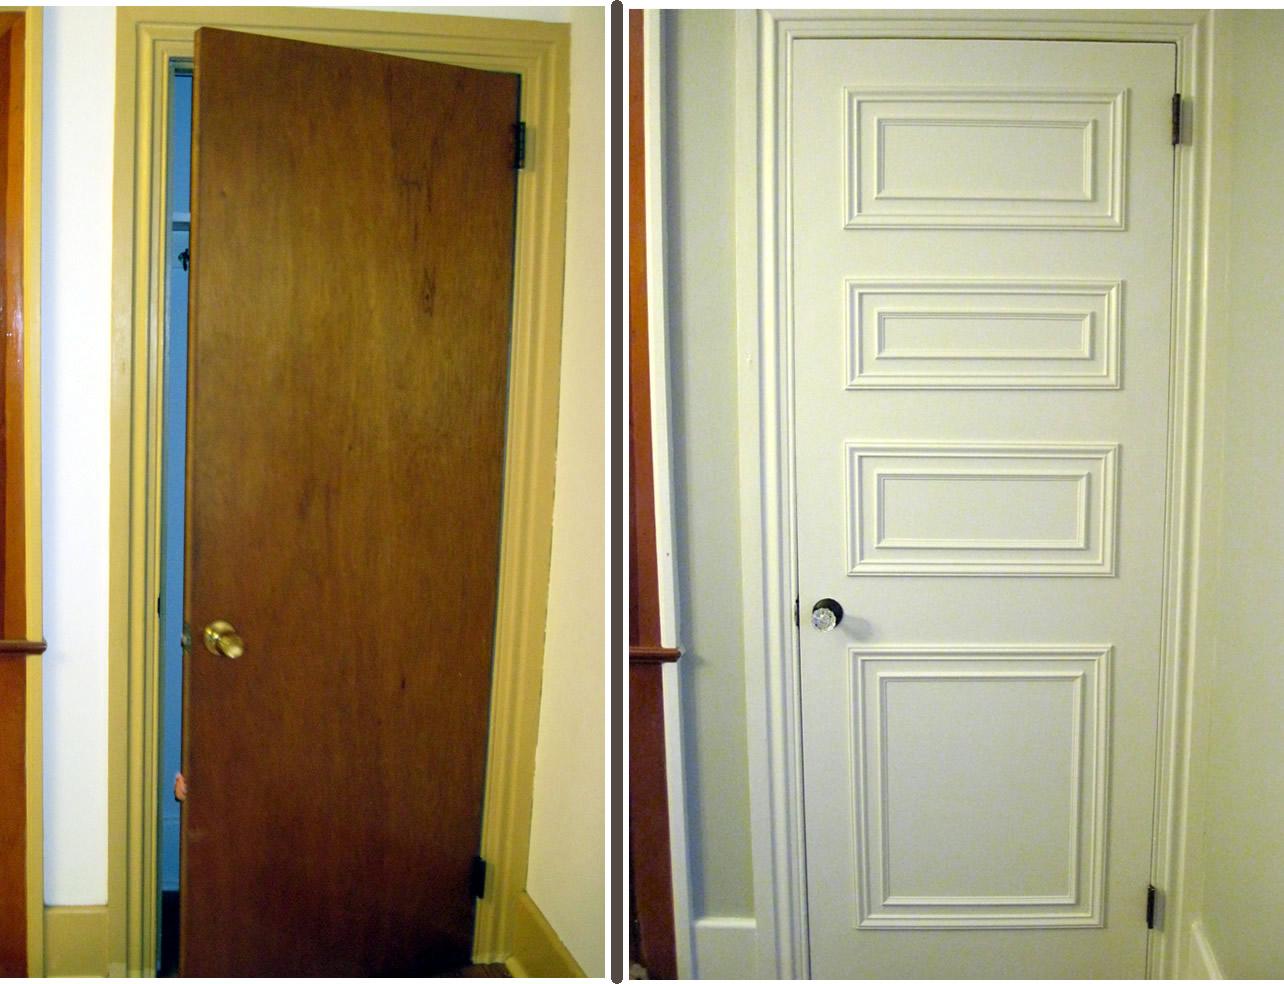 Doors Design: Our Old Abode: Hollow Core Door Makeover